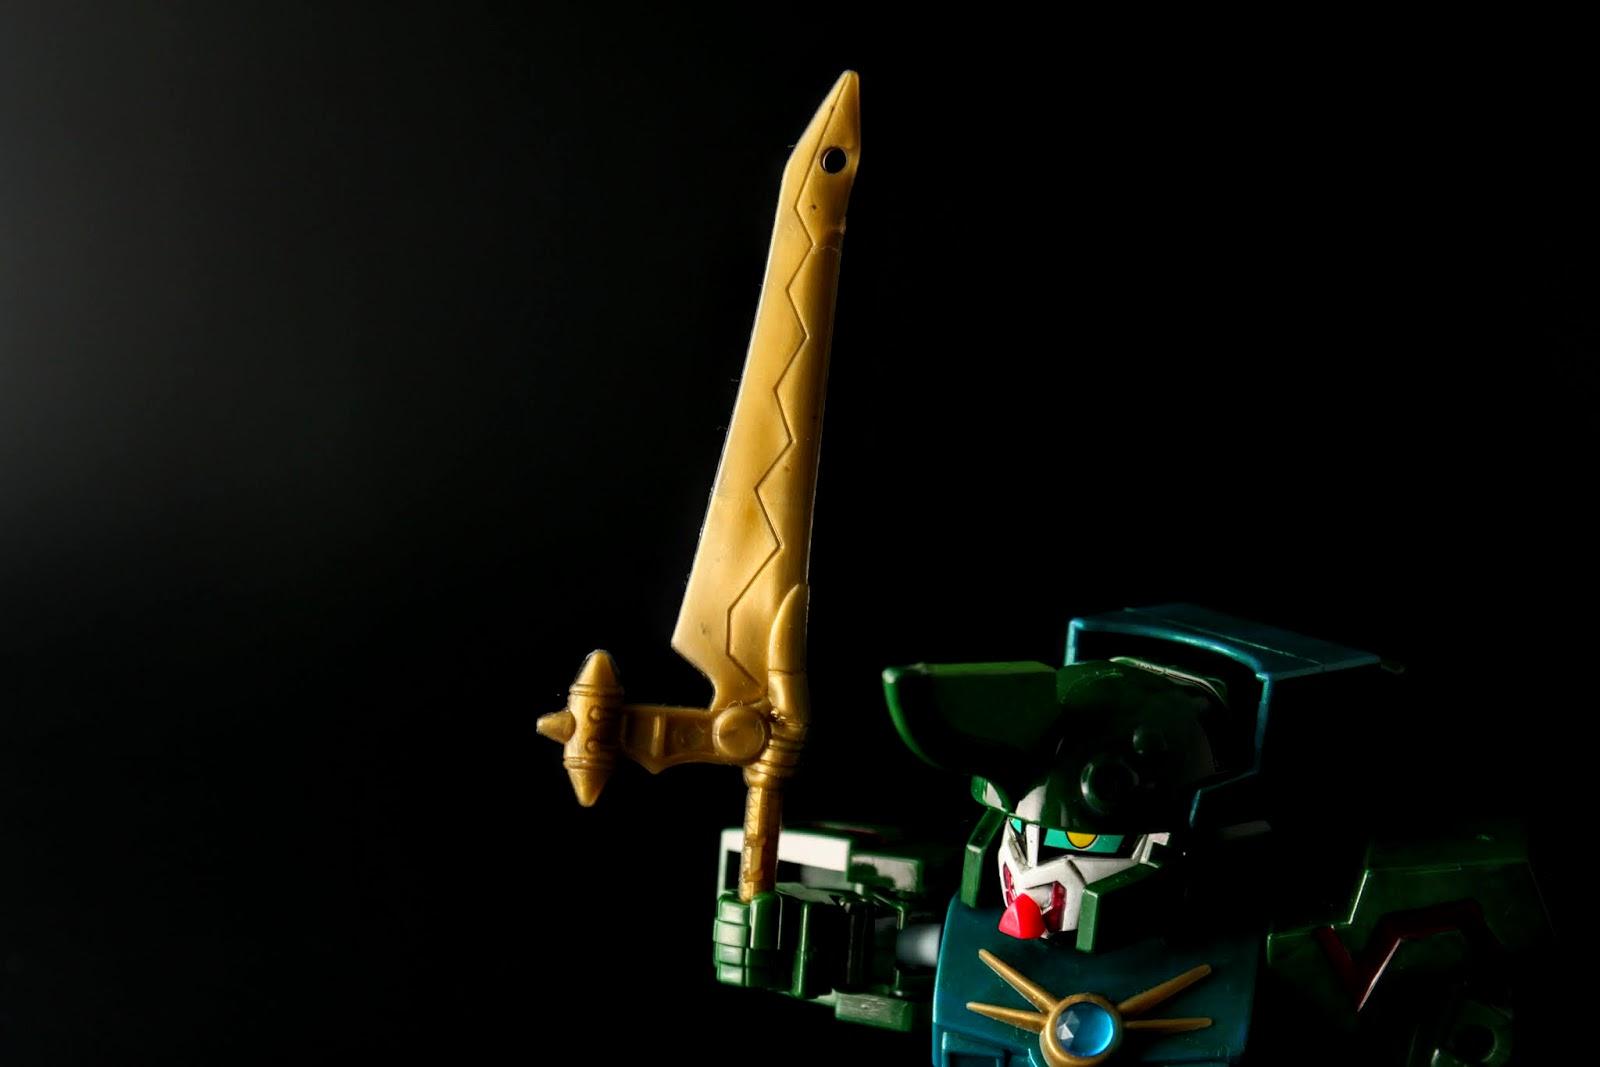 緑樹魔剣,跟白晶透剣一樣超大把